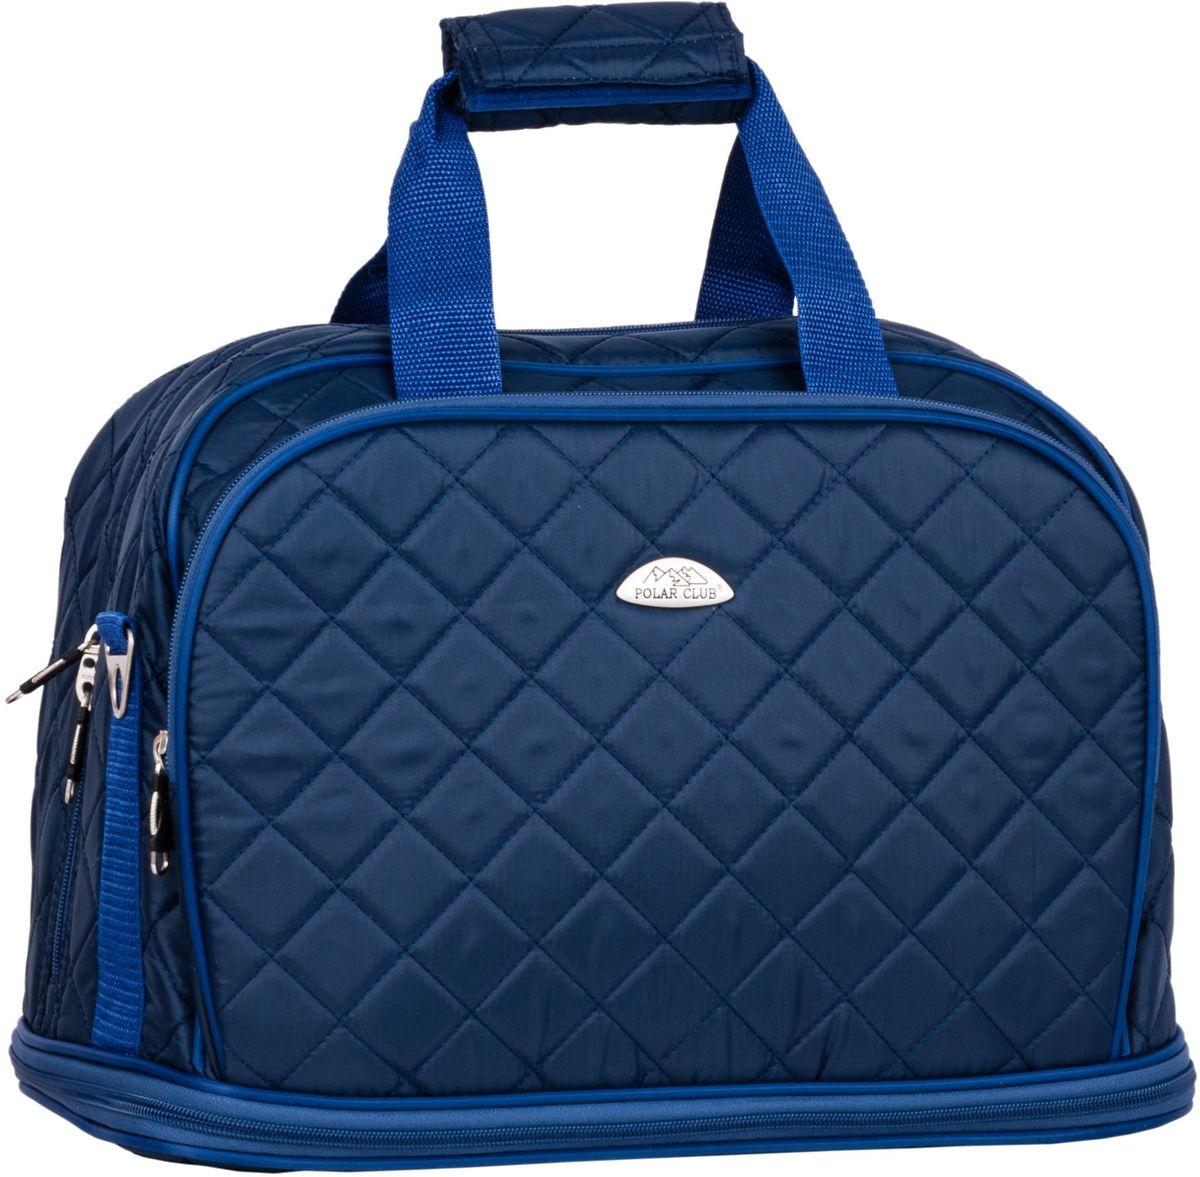 Сумка дорожная Polar Стежка, цвет: синий, 29 л. П7079П7079Дорожная сумка Polar Стежка выполнена из полиэстера. Сумка имеет одно большое отделение. С внешней стороны имеются два кармана на молнии. Изделие оснащено двумя удобными текстильными ручками и съемным плечевым ремнем. Сумка увеличивается в длину на 13 см.